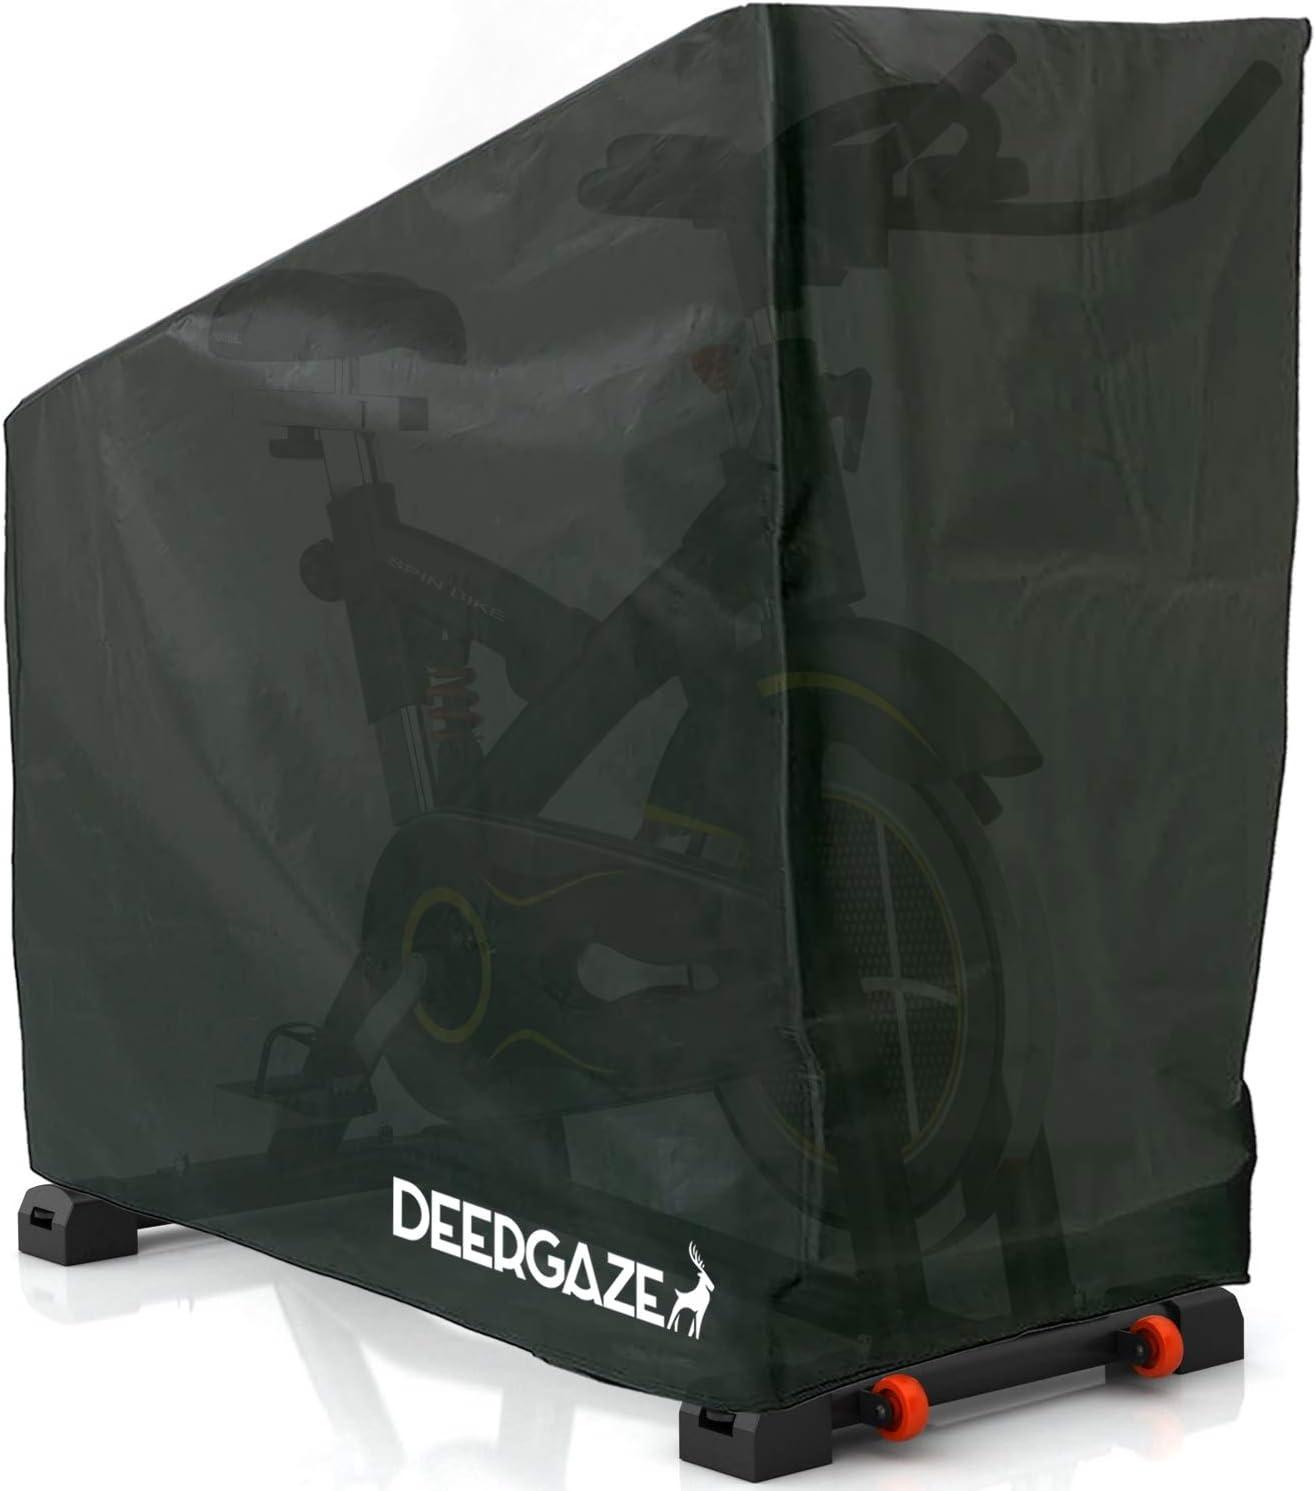 Cubierta Impermeable Protectora contra Lluvia Sol y Polvo. DEERGAZE Funda para Bicicleta Est/ática o de Spinning para Interior y Exterior